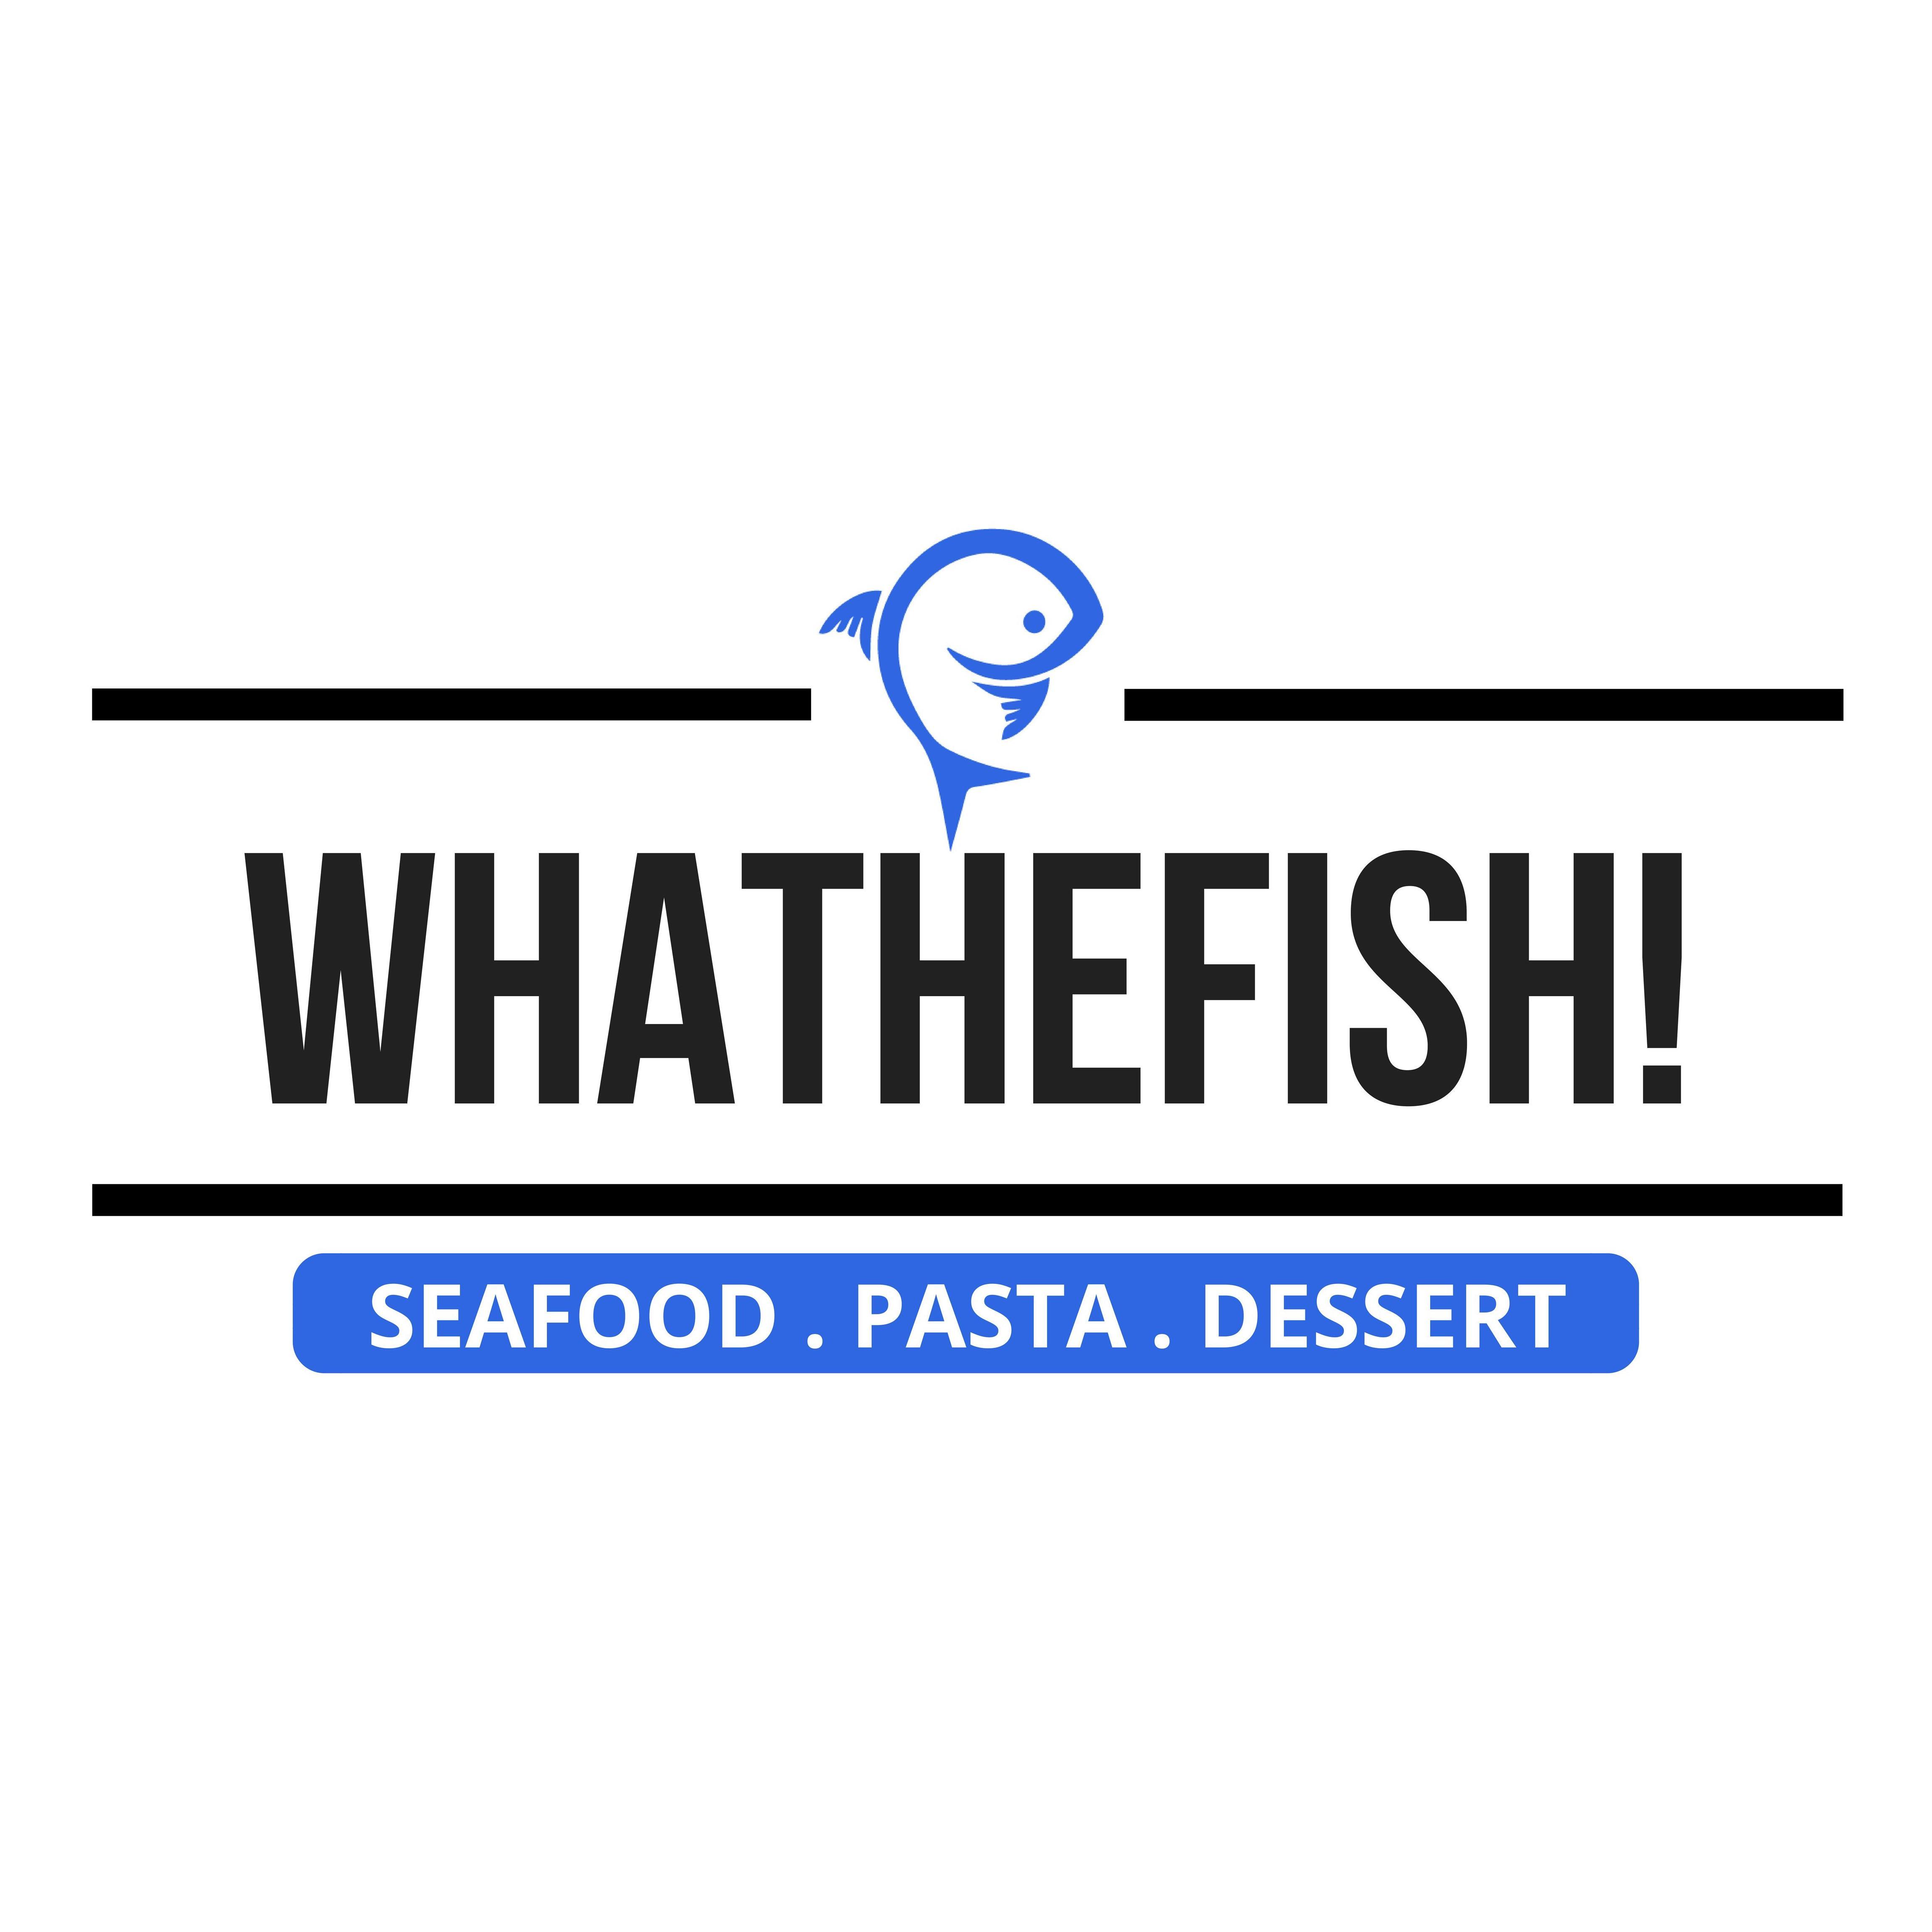 WhatheFish!